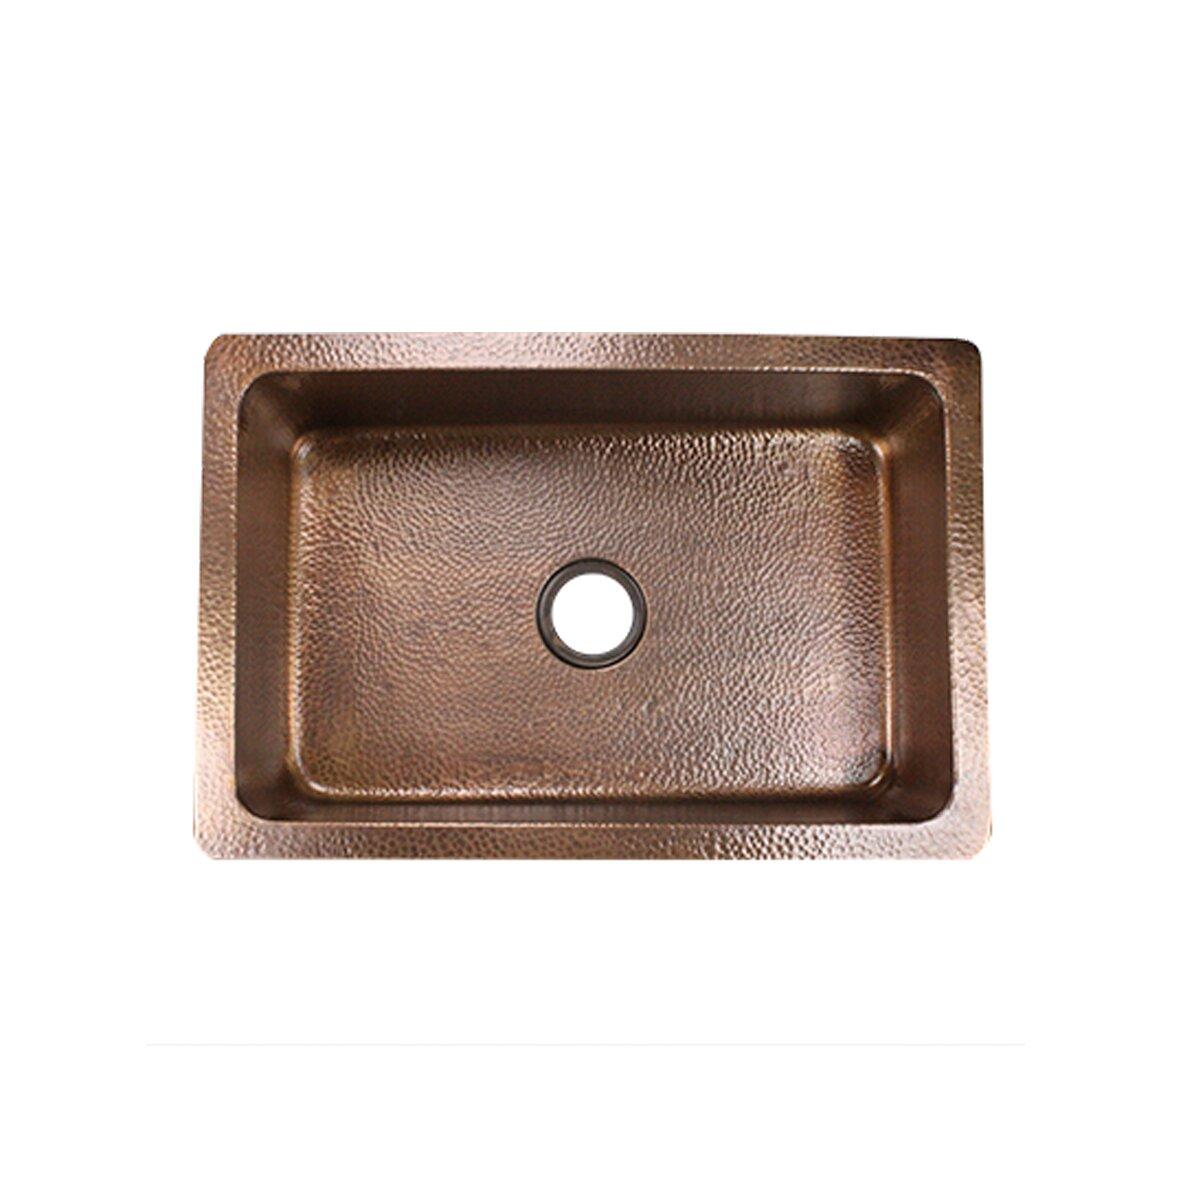 30 X 20 Undermount Kitchen Sink Wayfair